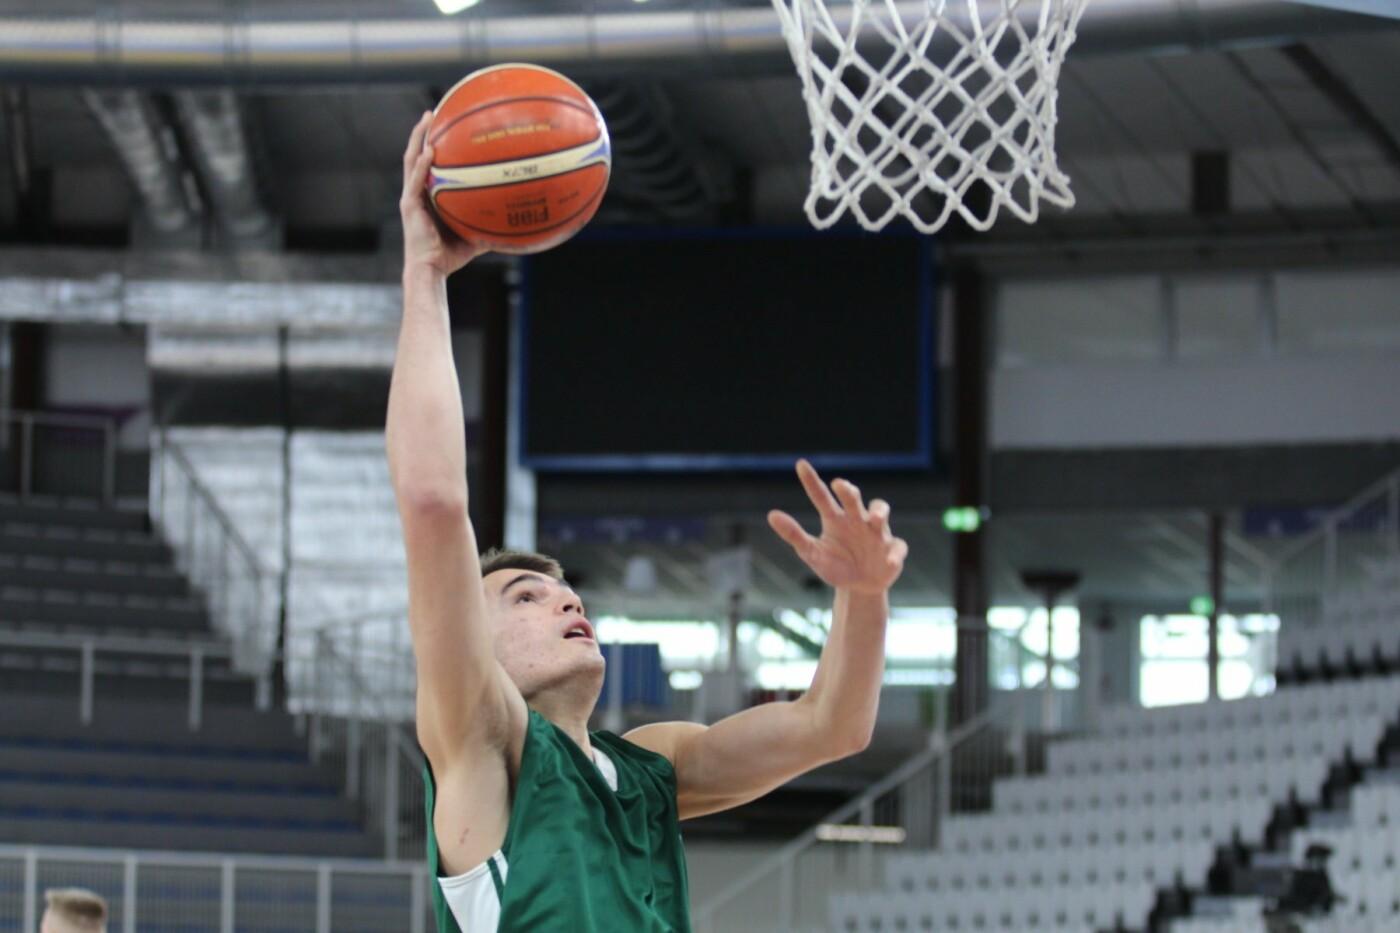 Lietuvos vyrų krepšinio rinktinė surengė vienintelę treniruotę Italijoje, nuotrauka-6